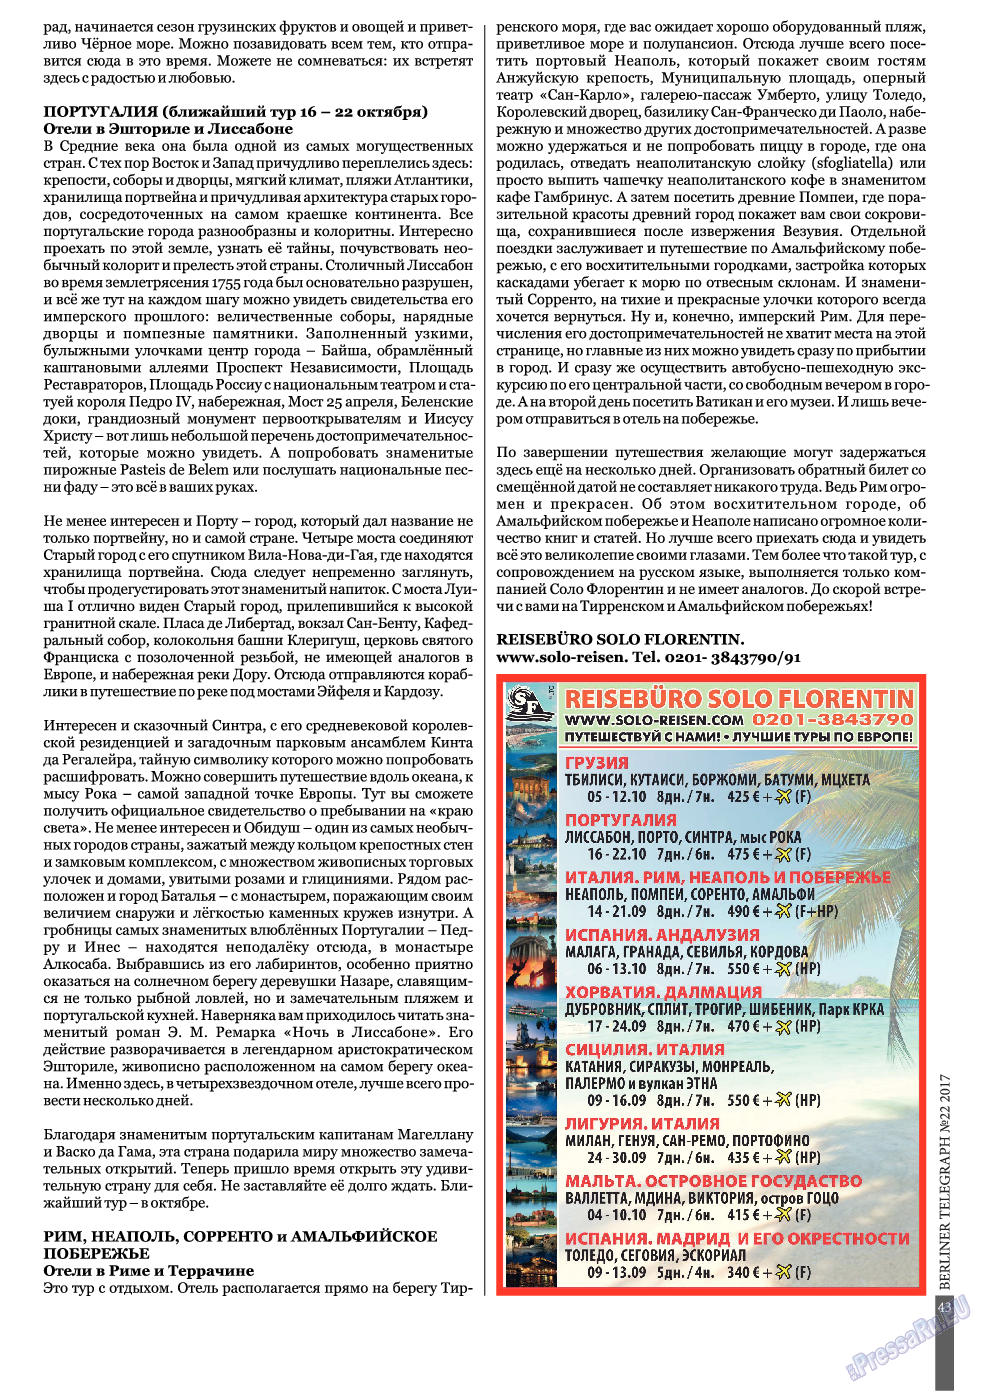 Берлинский телеграф (журнал). 2017 год, номер 22, стр. 43